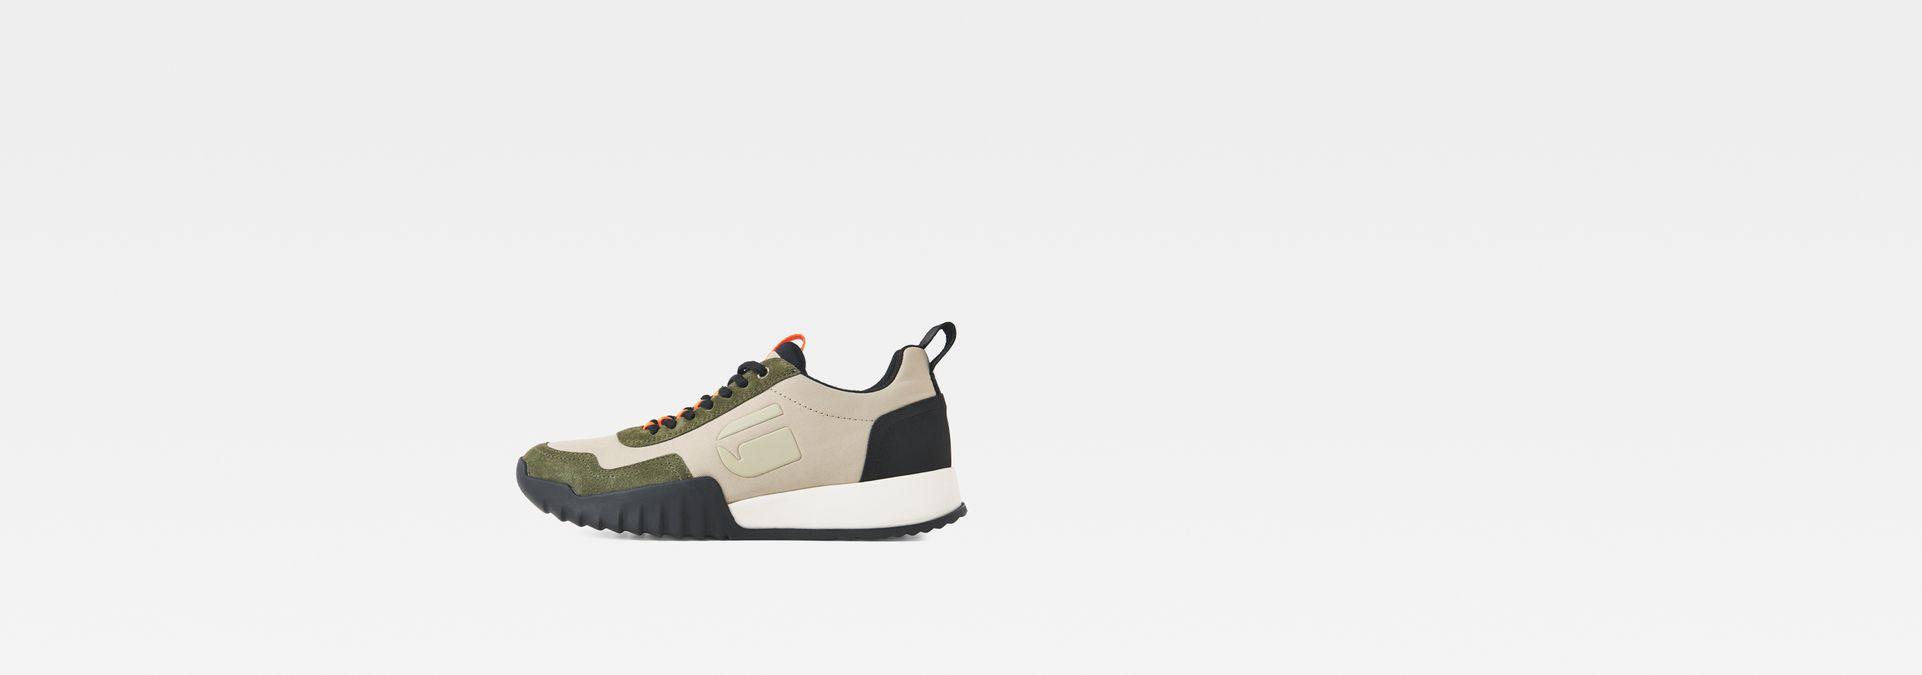 SneakersDark Rovic Grasshopper Men G Star Rackam Raw® Nnm0v8w